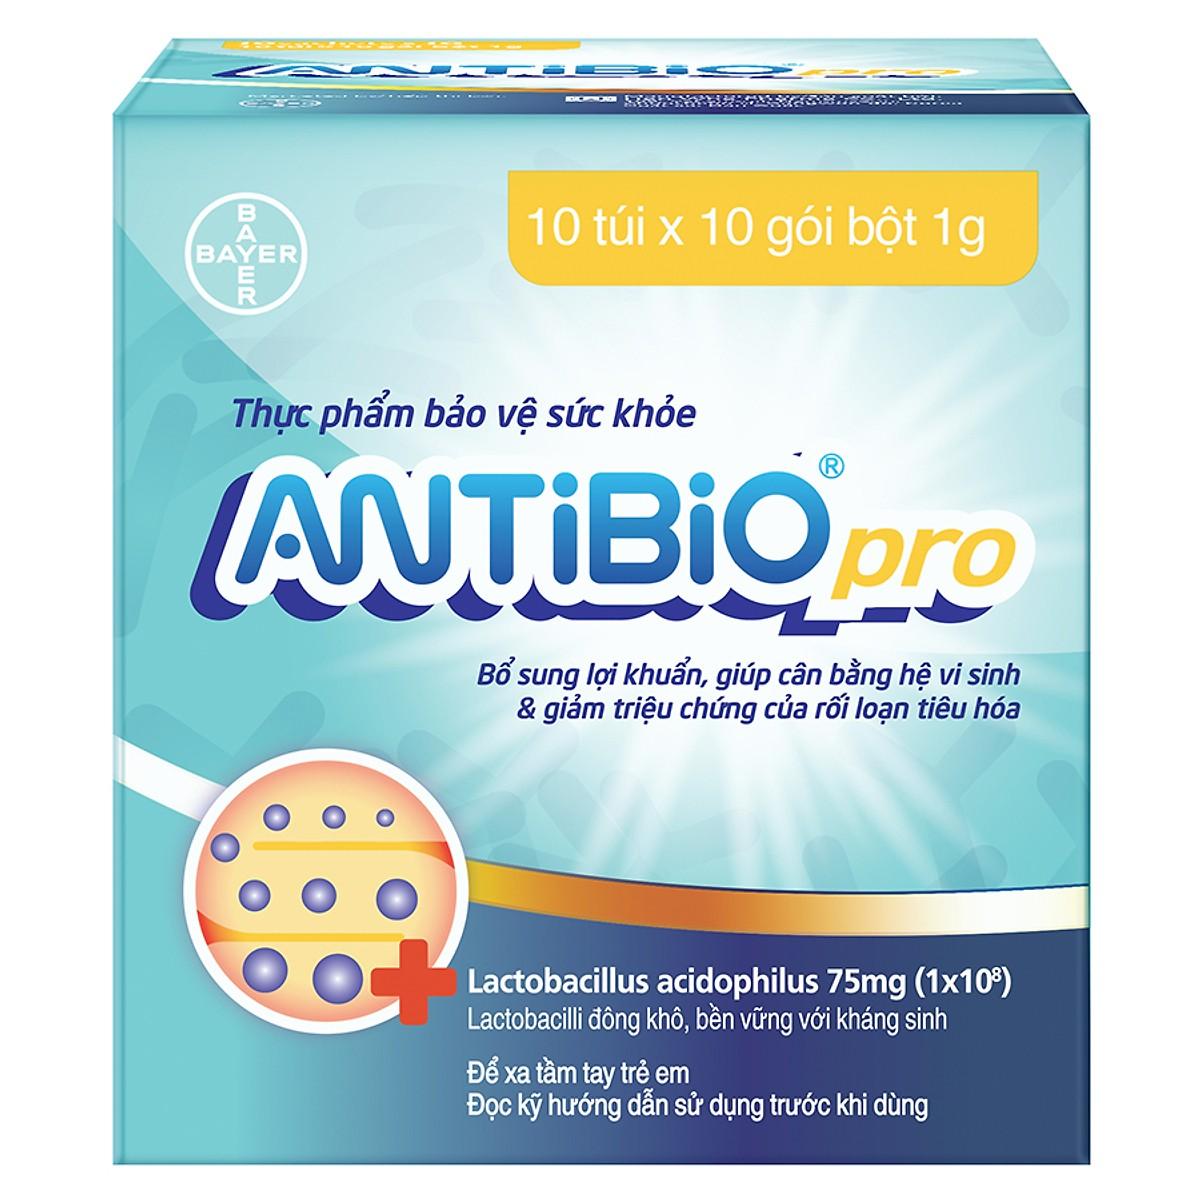 [Đánh Giá] Men Vi Sinh Antibio Có Tốt Không? Có Dùng Được Cho Trẻ Em Không?